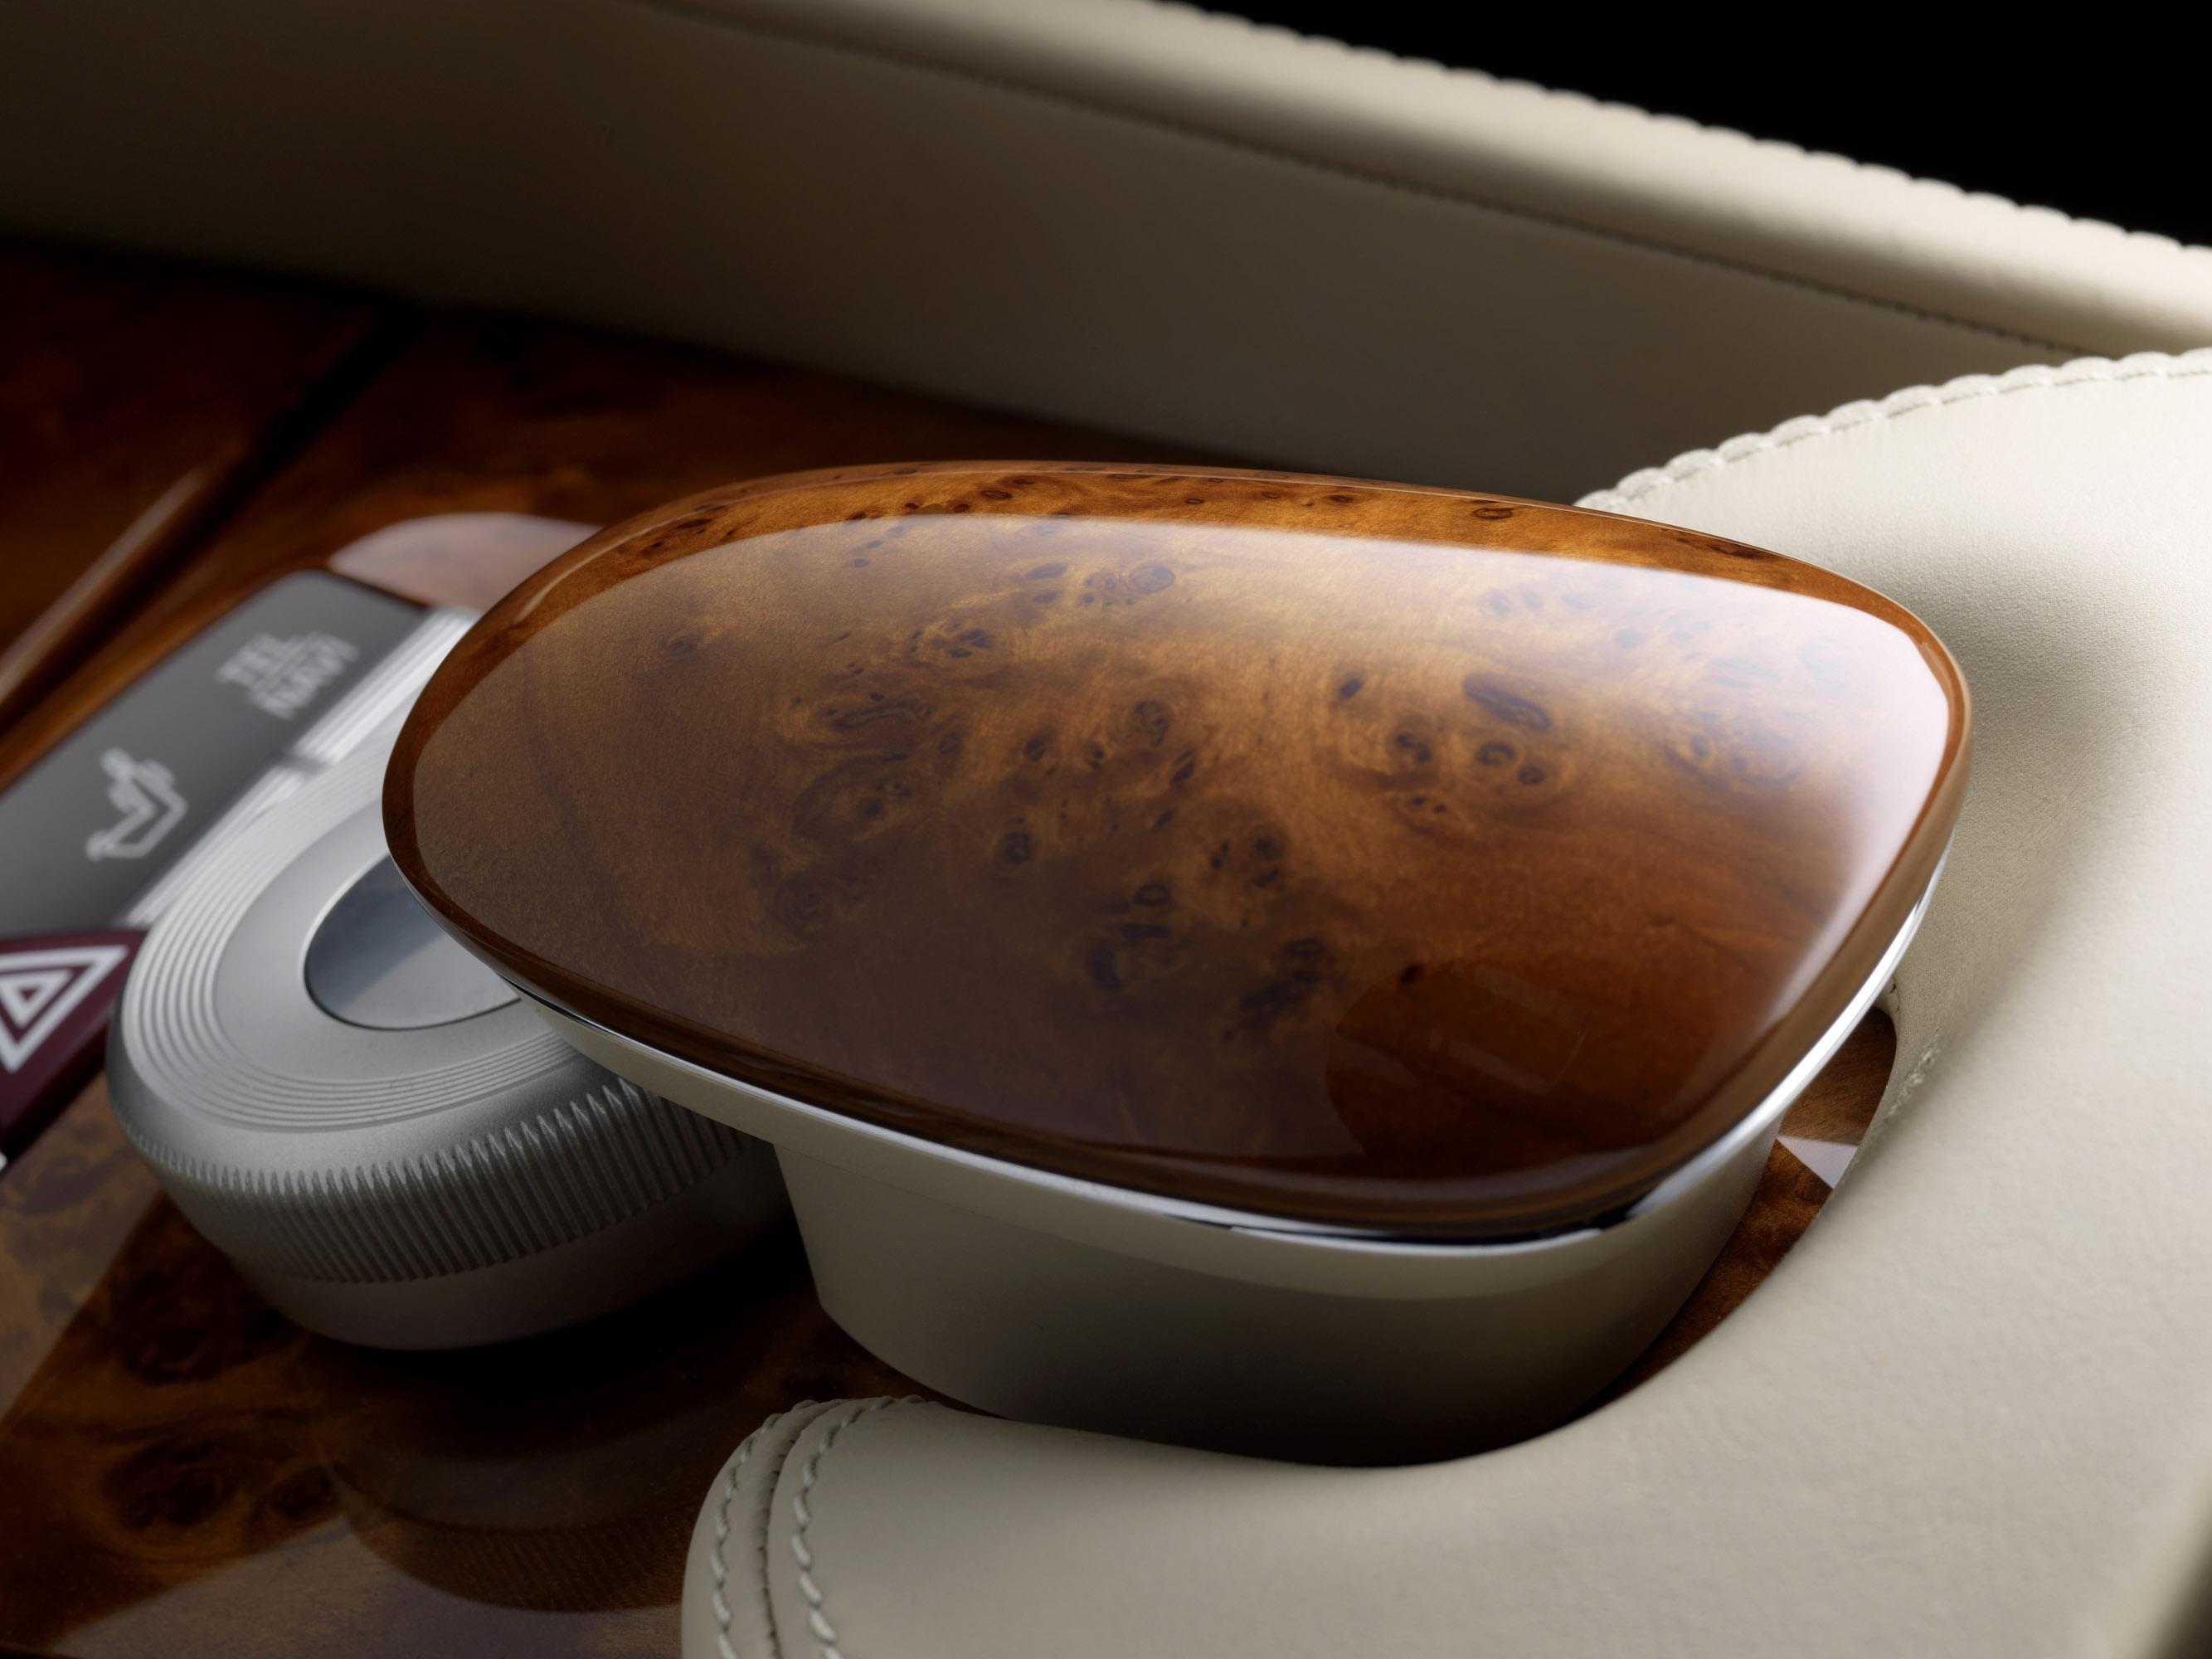 2011 Mercedes-Benz CL-Class сочетает в себе новейшие технологии с повышенной комфортности - фотография №28